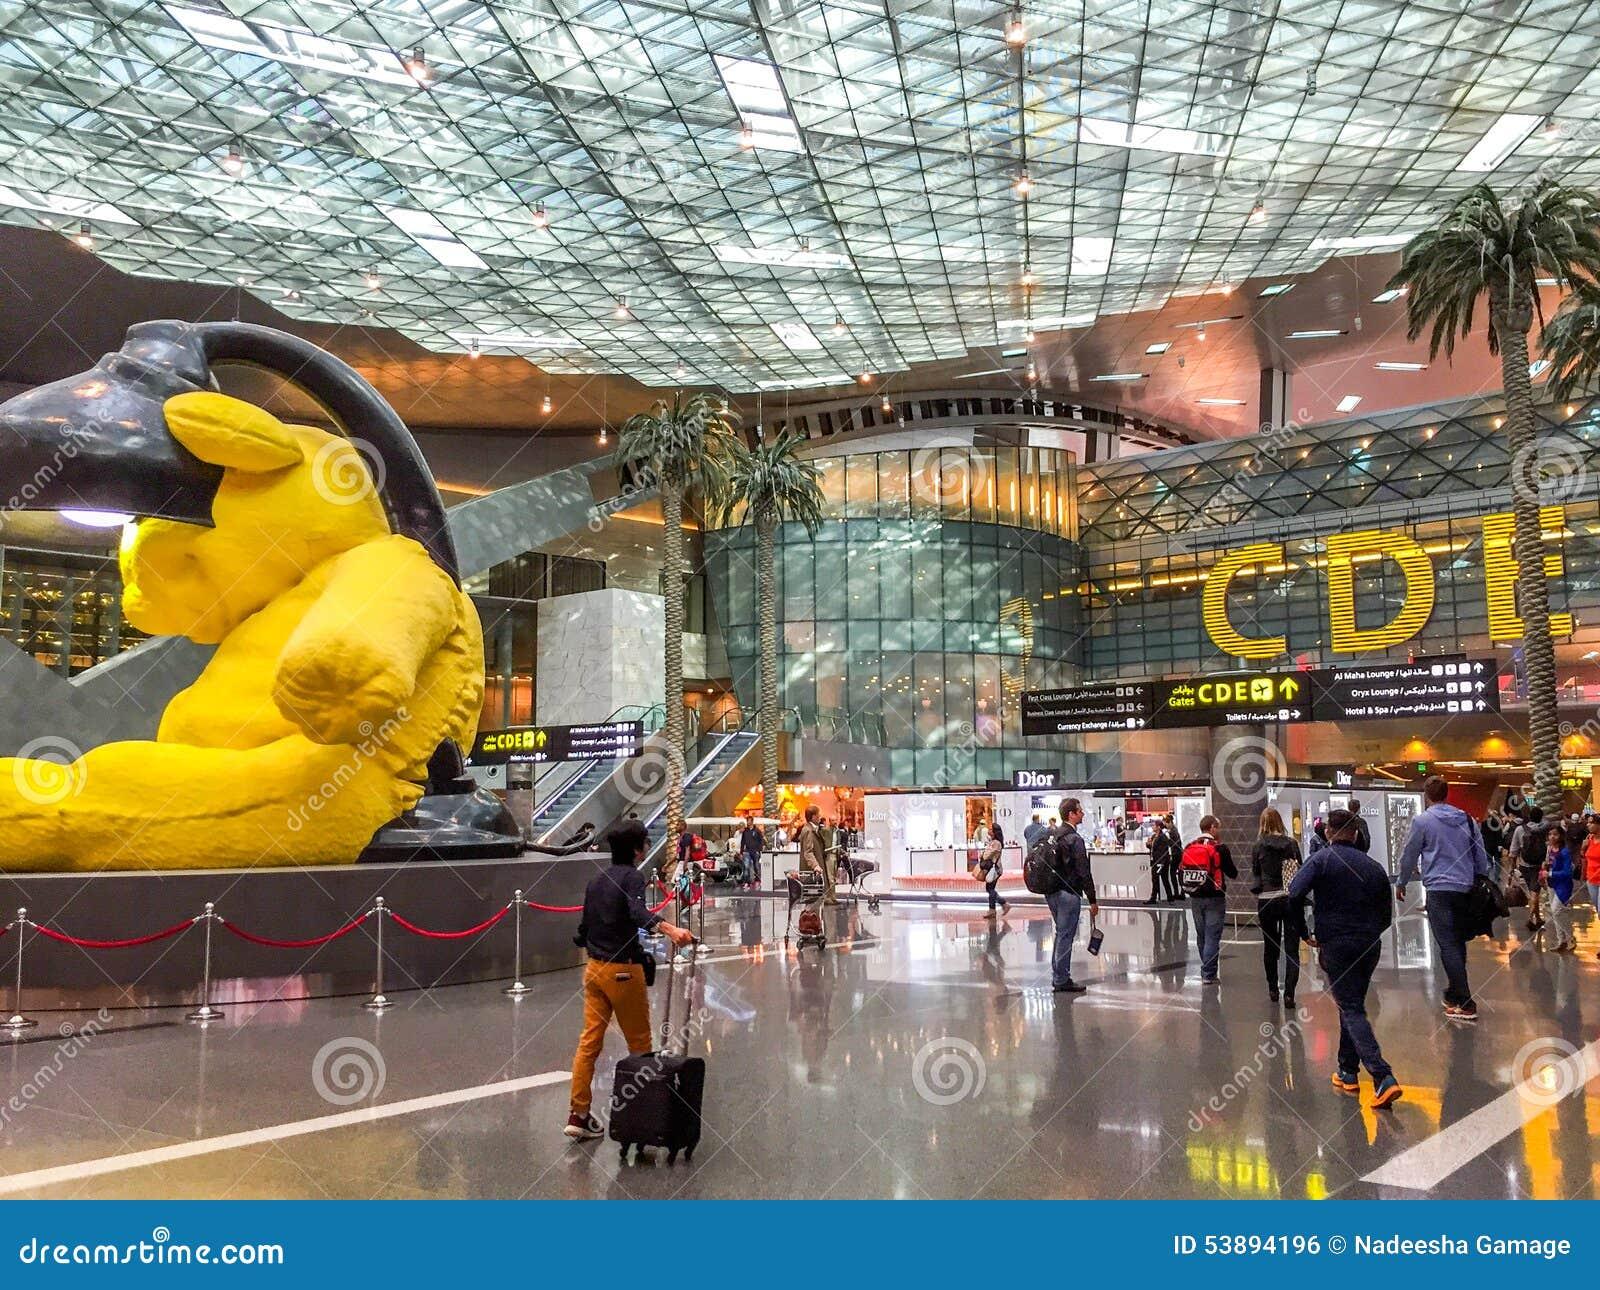 Aeroporto Hamad : Doha hamad airport editorial photo image of built duty